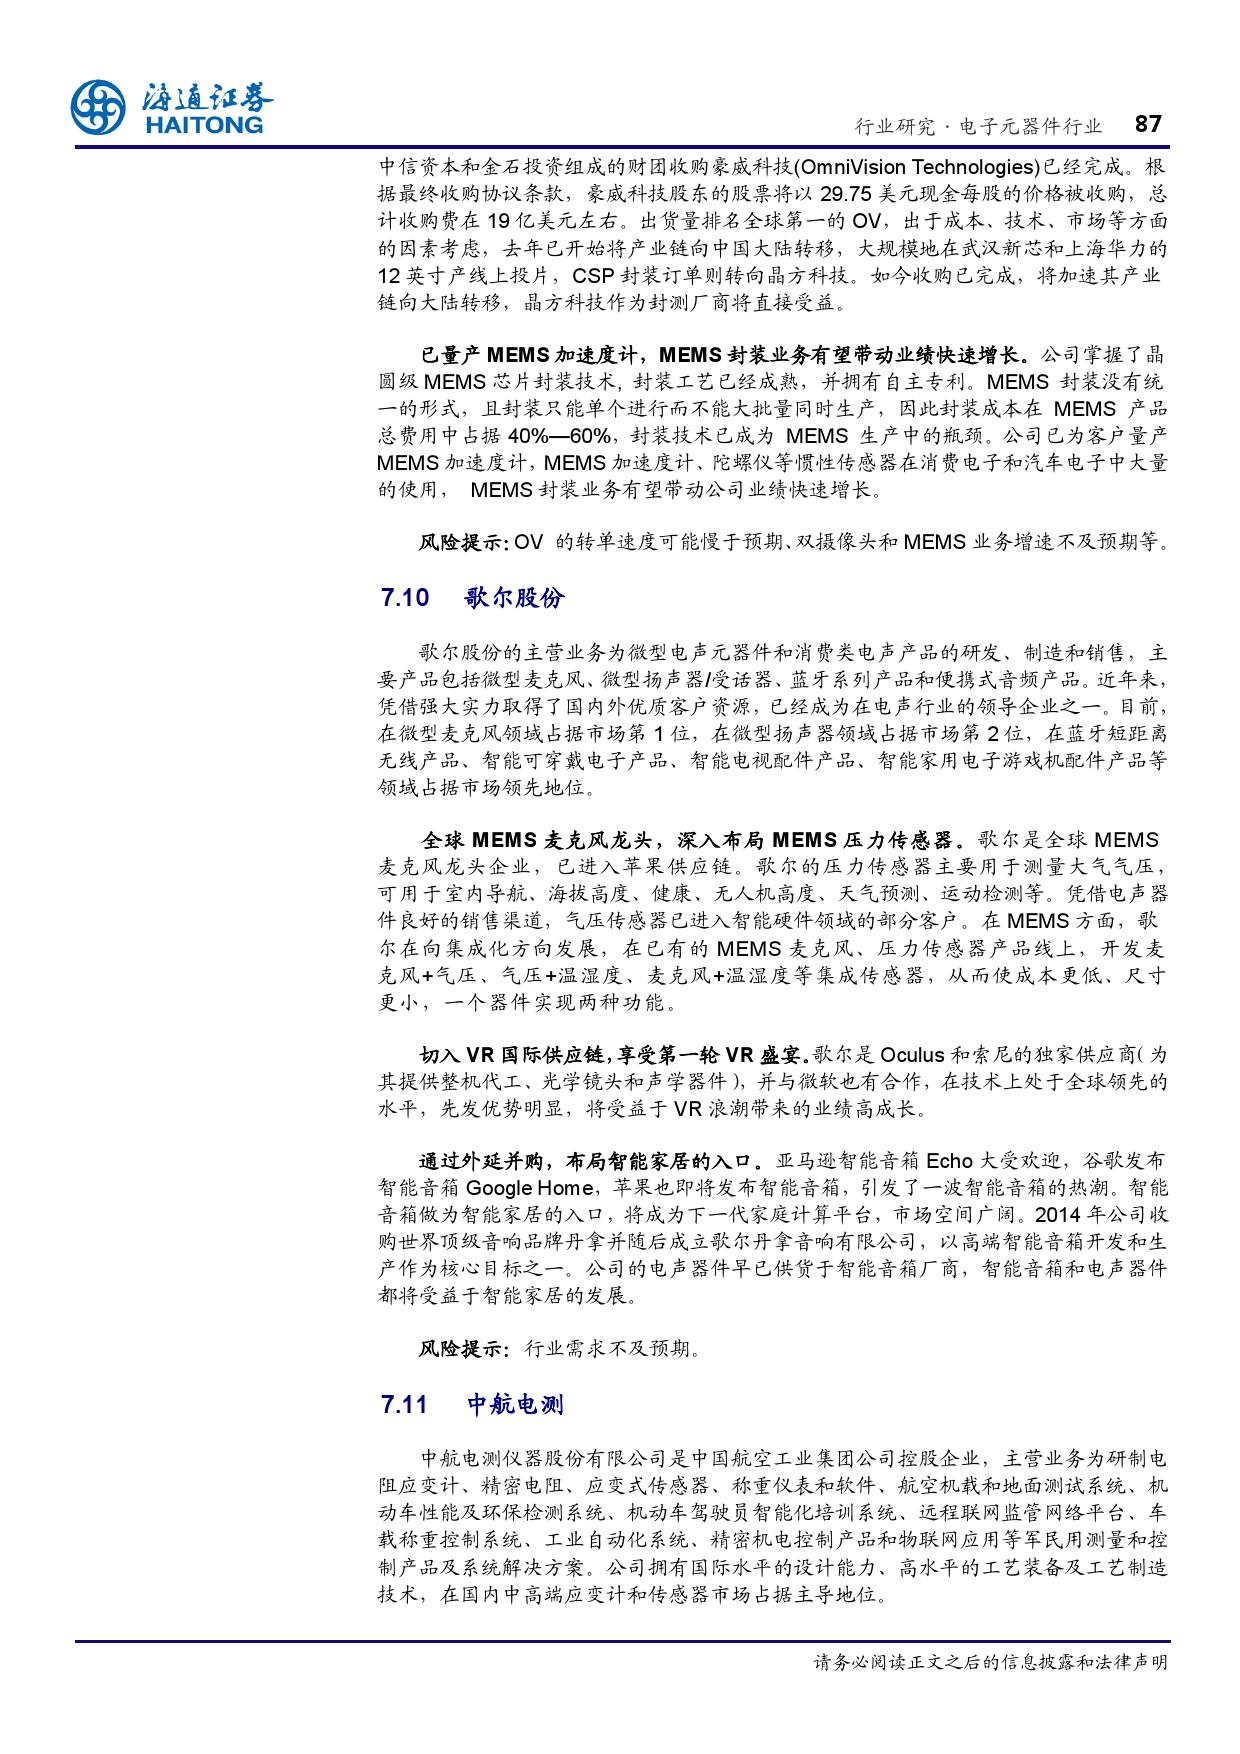 报告全解传感器全球产业链_000087